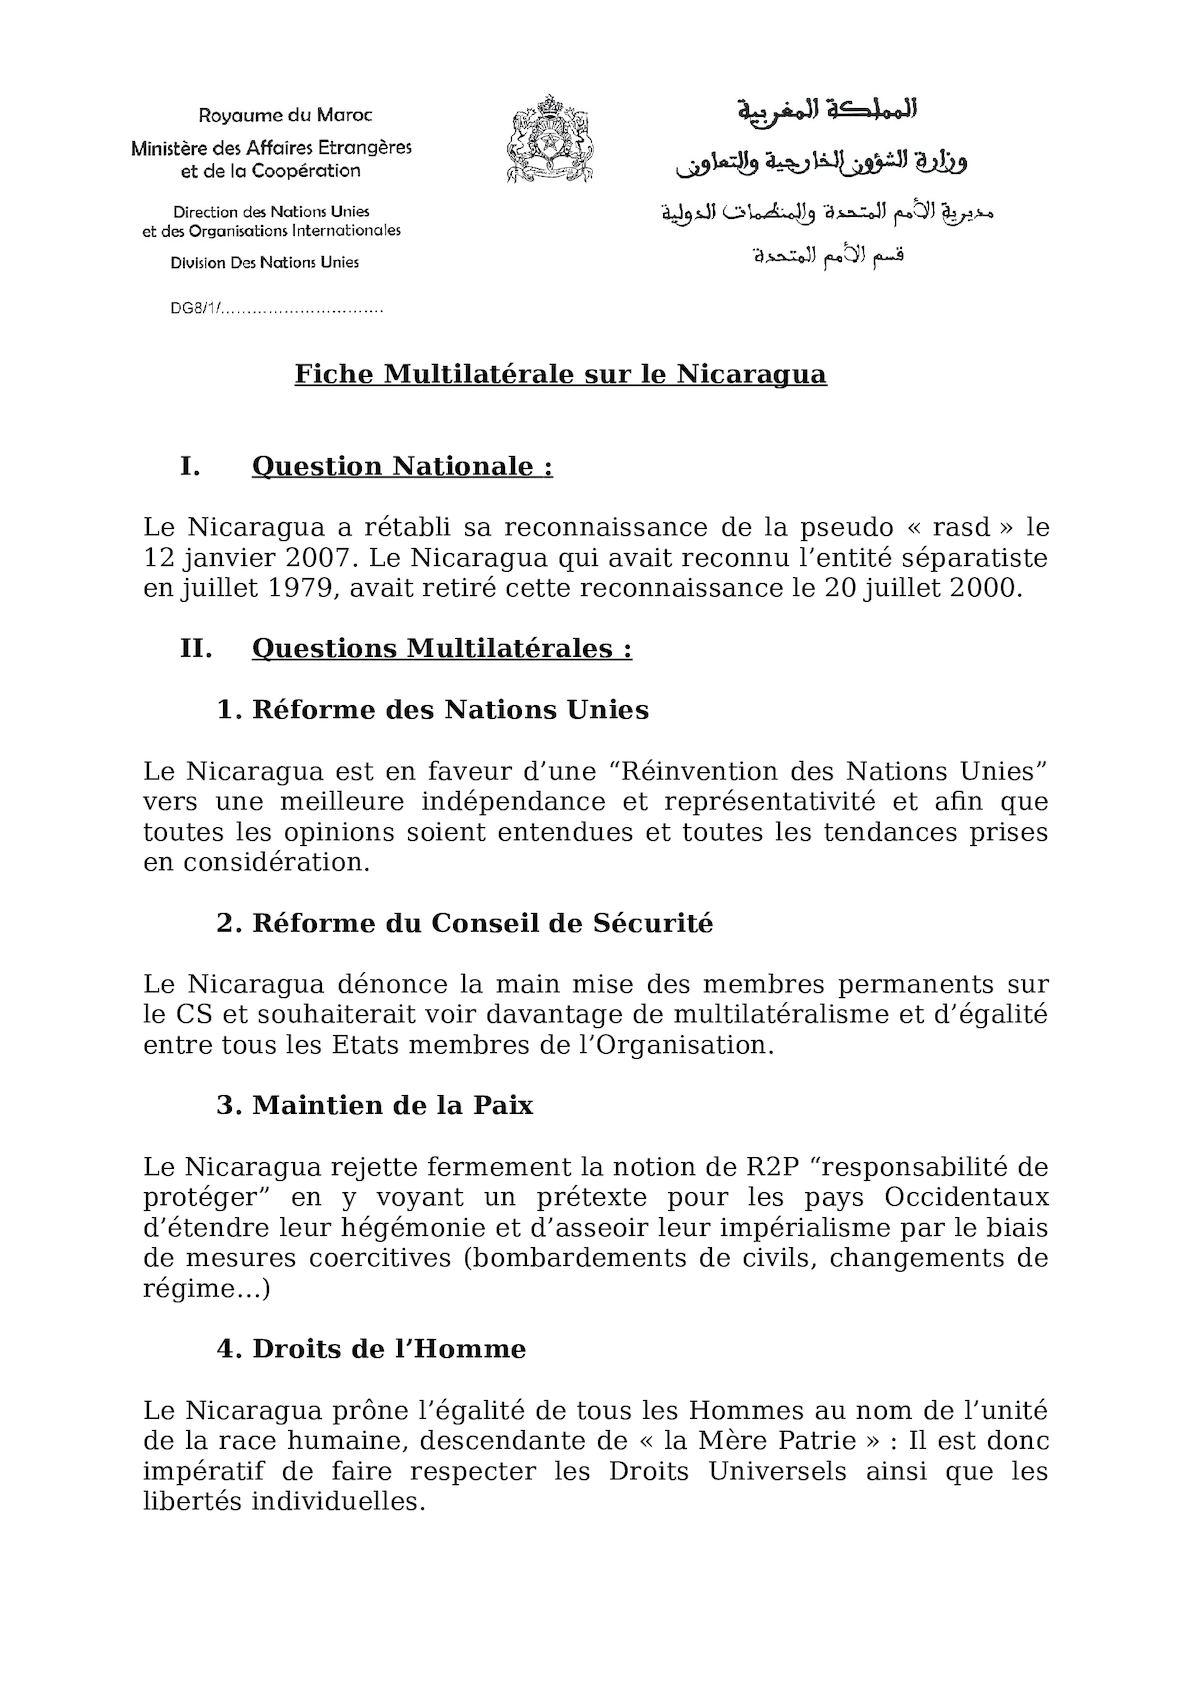 Fiche Multilatérale Nicaragua